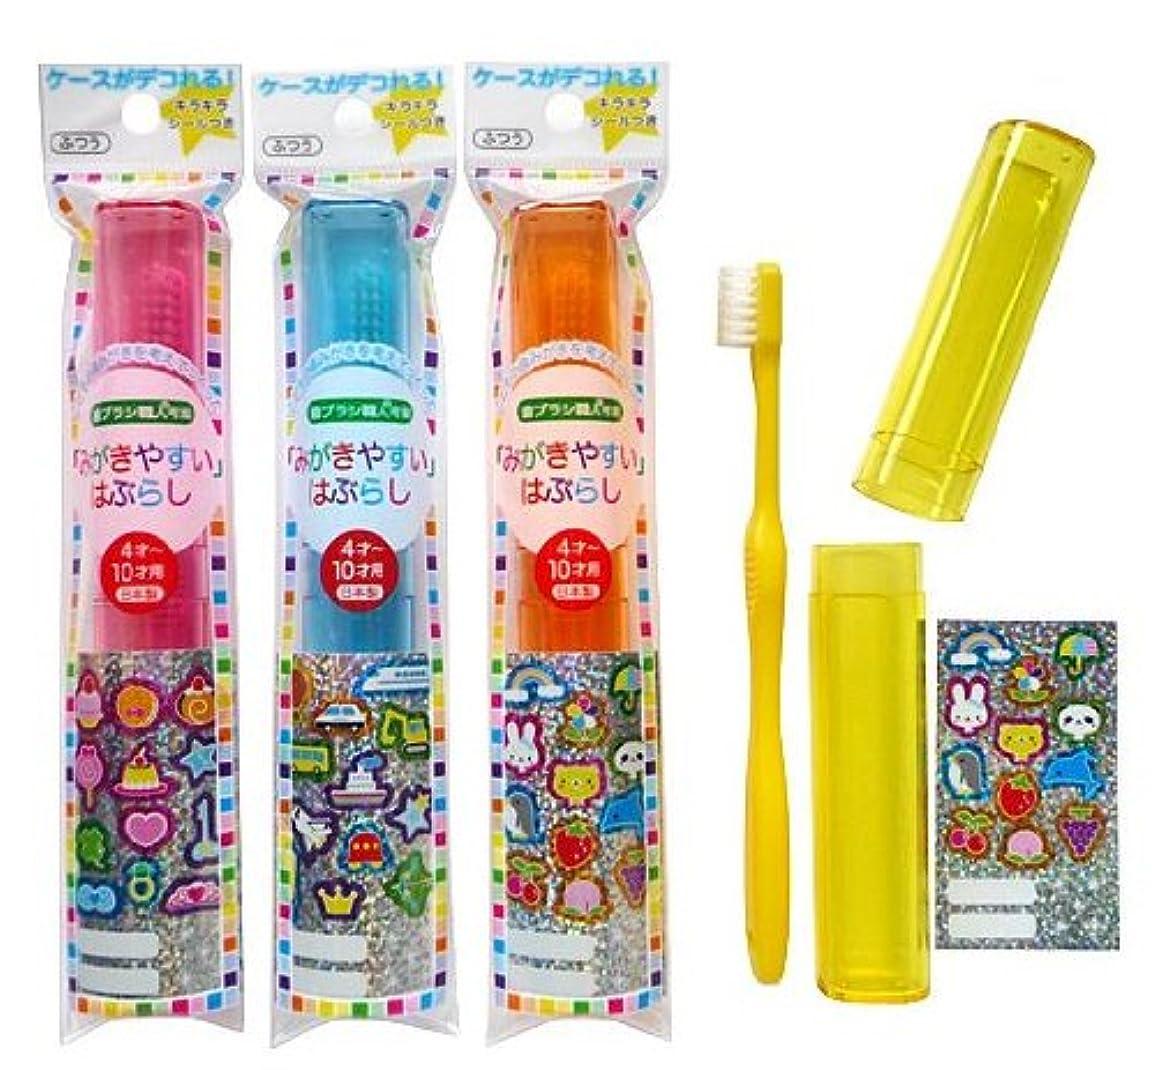 続けるエレクトロニック悪党ライフレンジ 磨きやすい歯ブラシ こども用ケース付き 12本